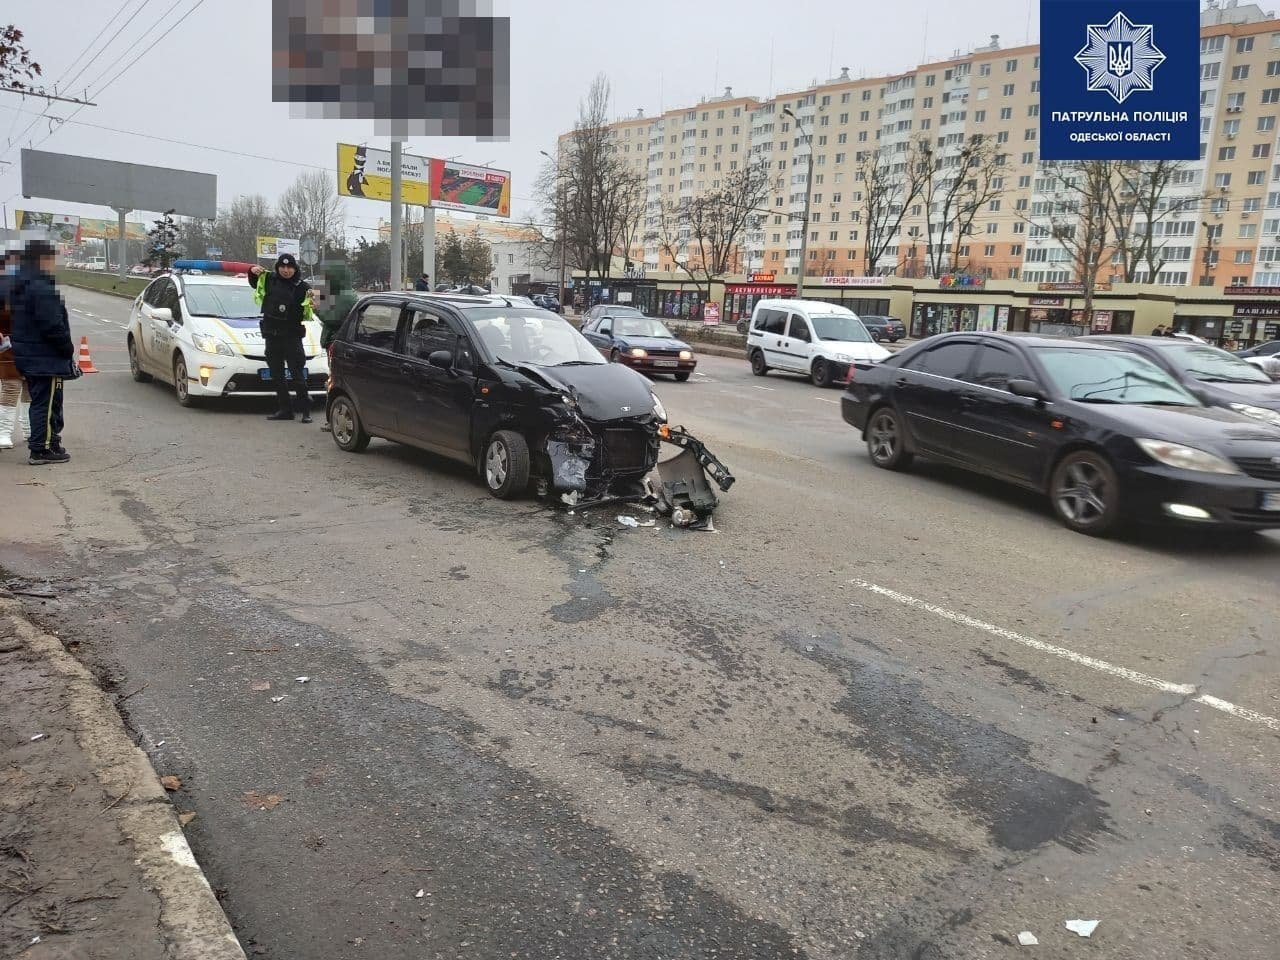 ДТП на Таирова в Одессе: после столкновения один из автомоб..., фото-11